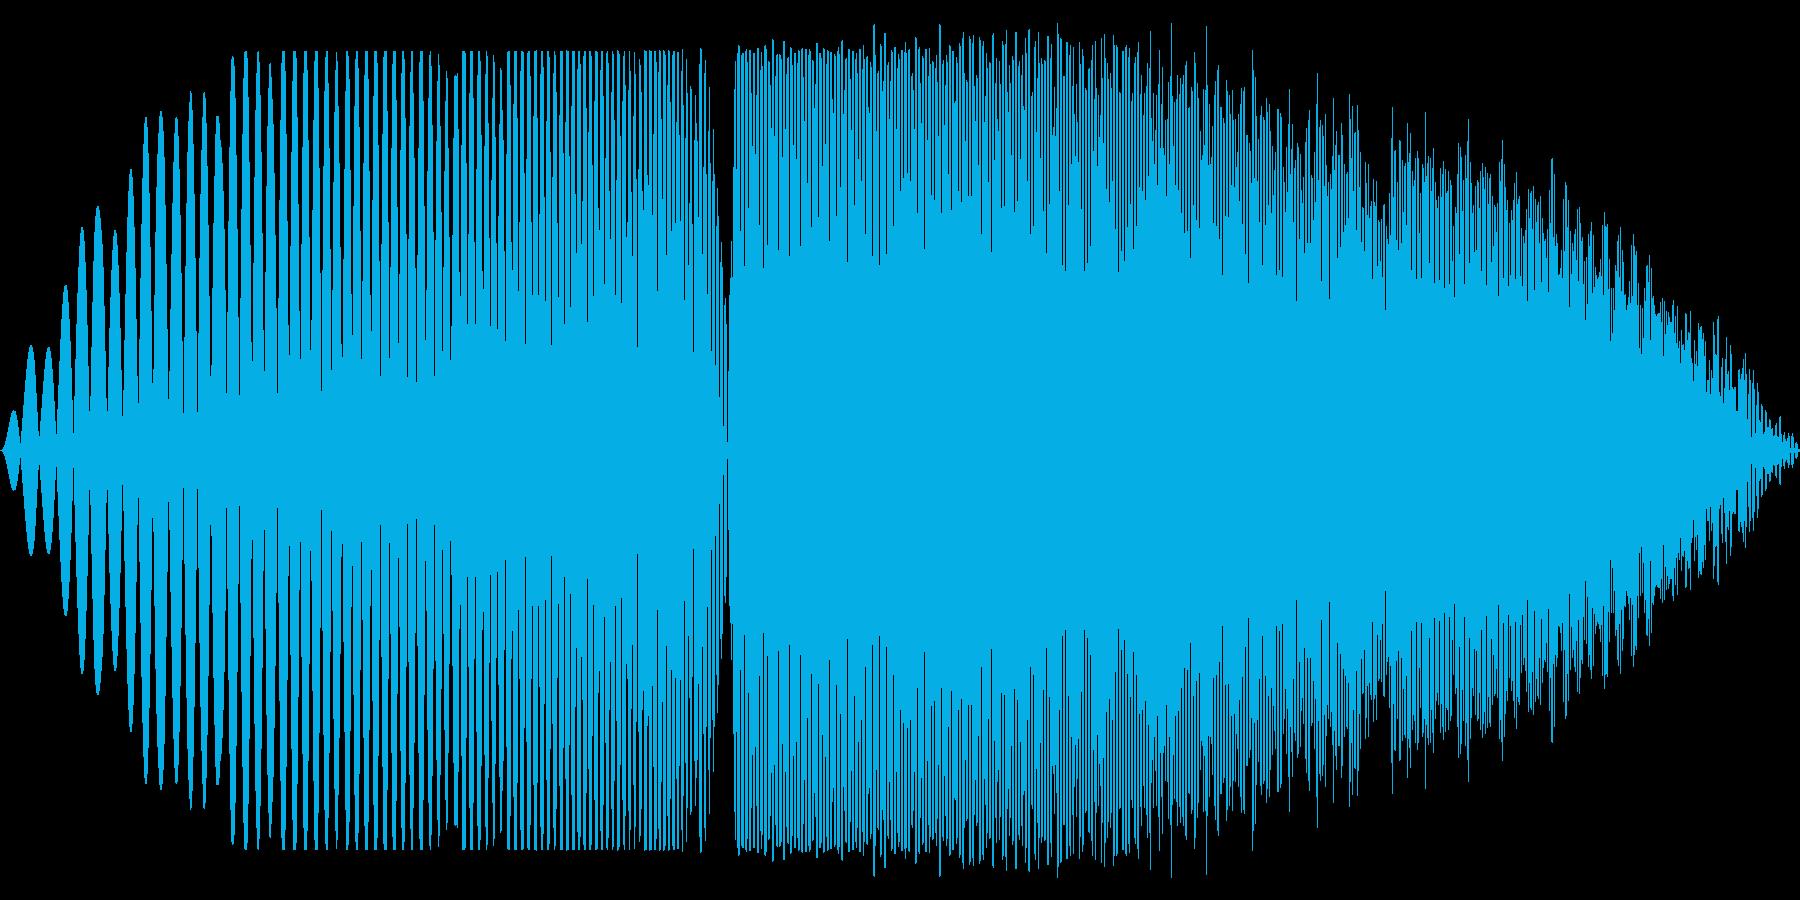 プオオオ(膨らむ音 ちからため)の再生済みの波形